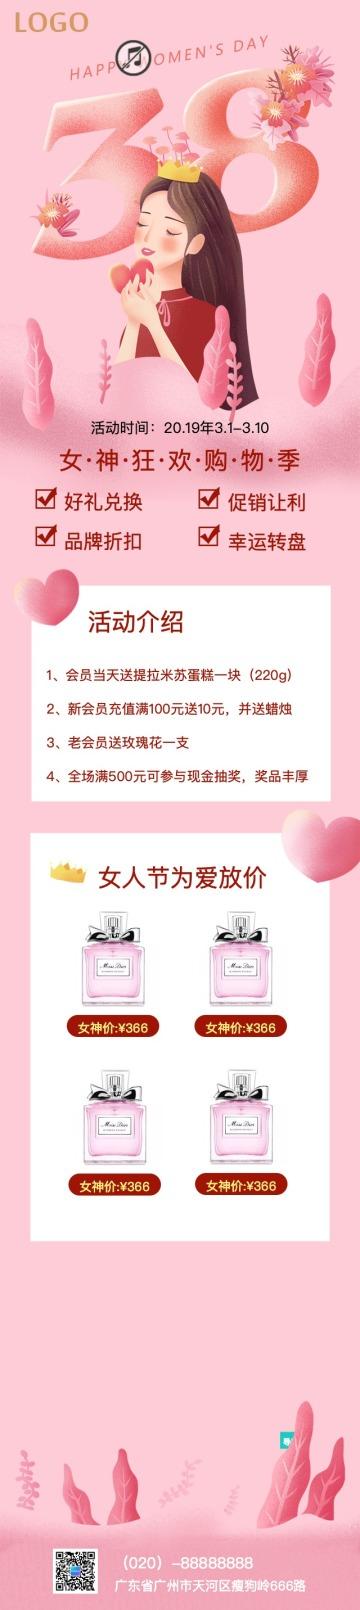 3.8粉色女神节促销单页